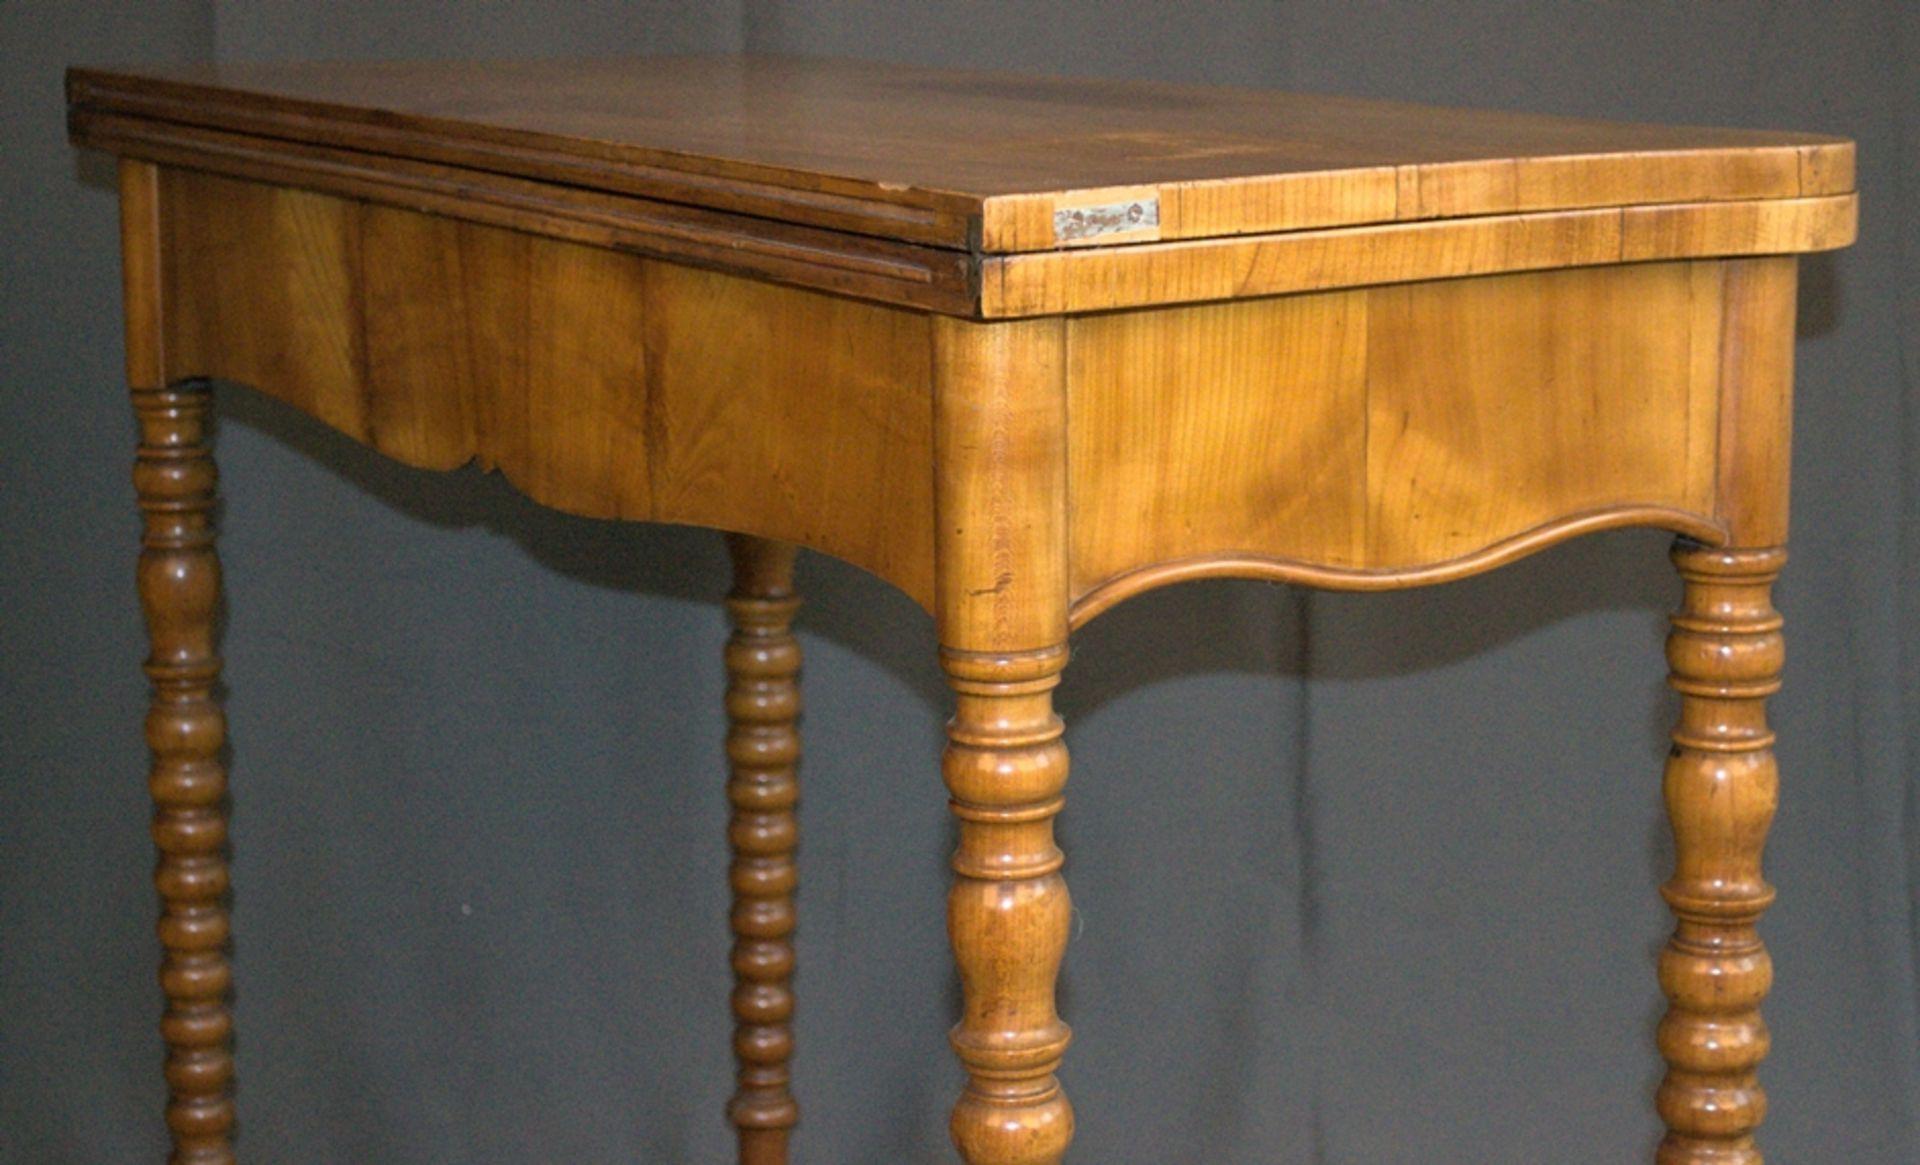 Konsoltisch/Spieltisch. Spätes Biedermeier um 1840/50. Kirschbaum massiv & furniert. Gepflegter - Bild 17 aus 24